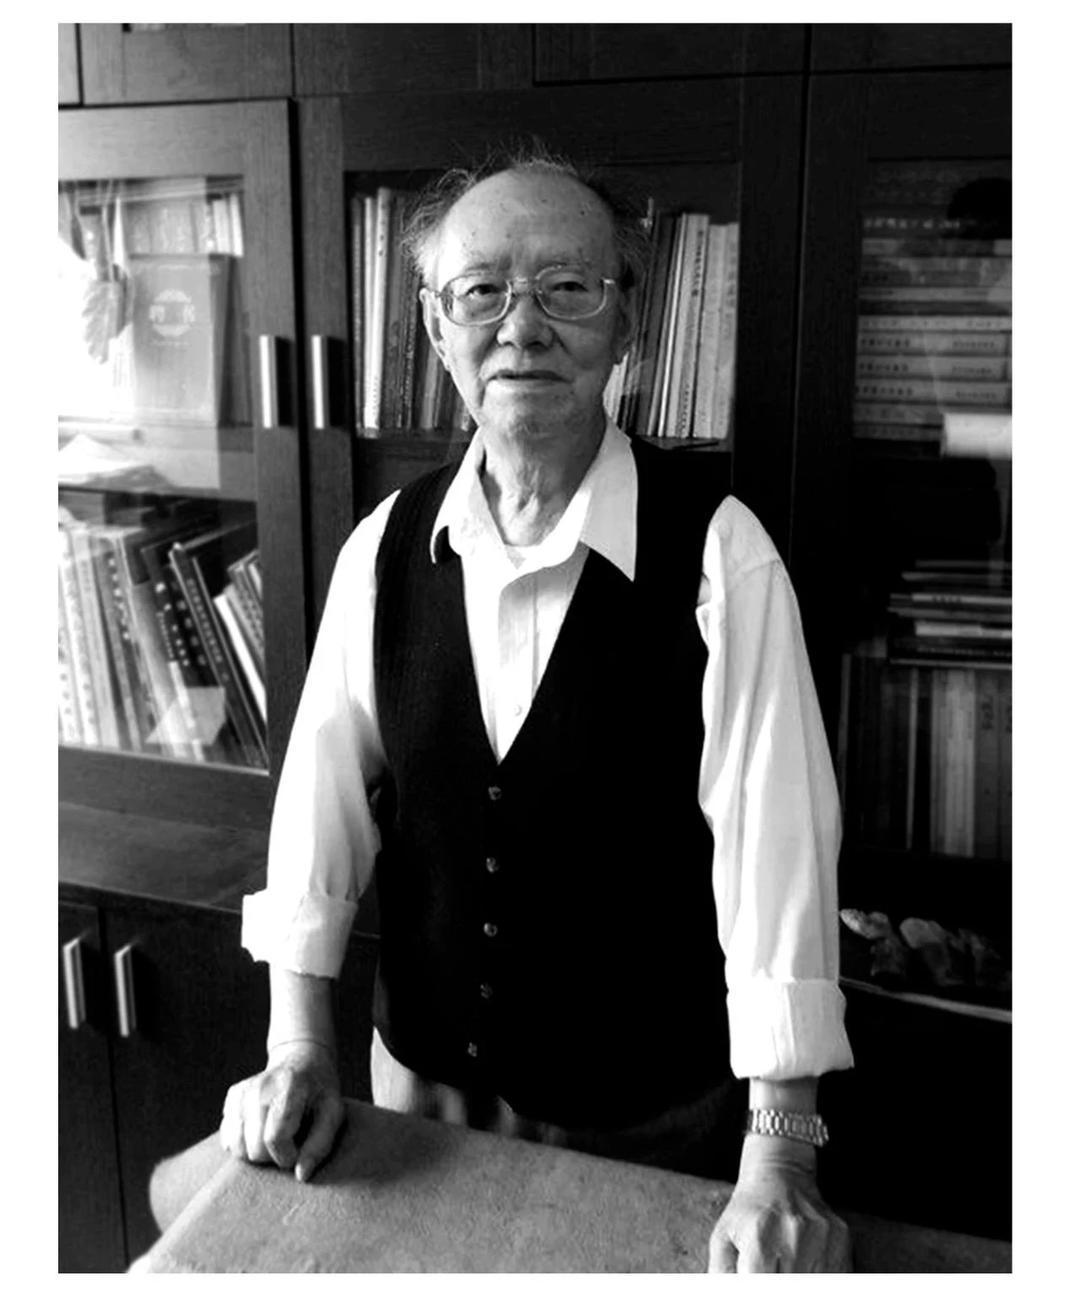 苏园在成都去世,舒炯悼念:老先生是书法篆刻界标杆性人物